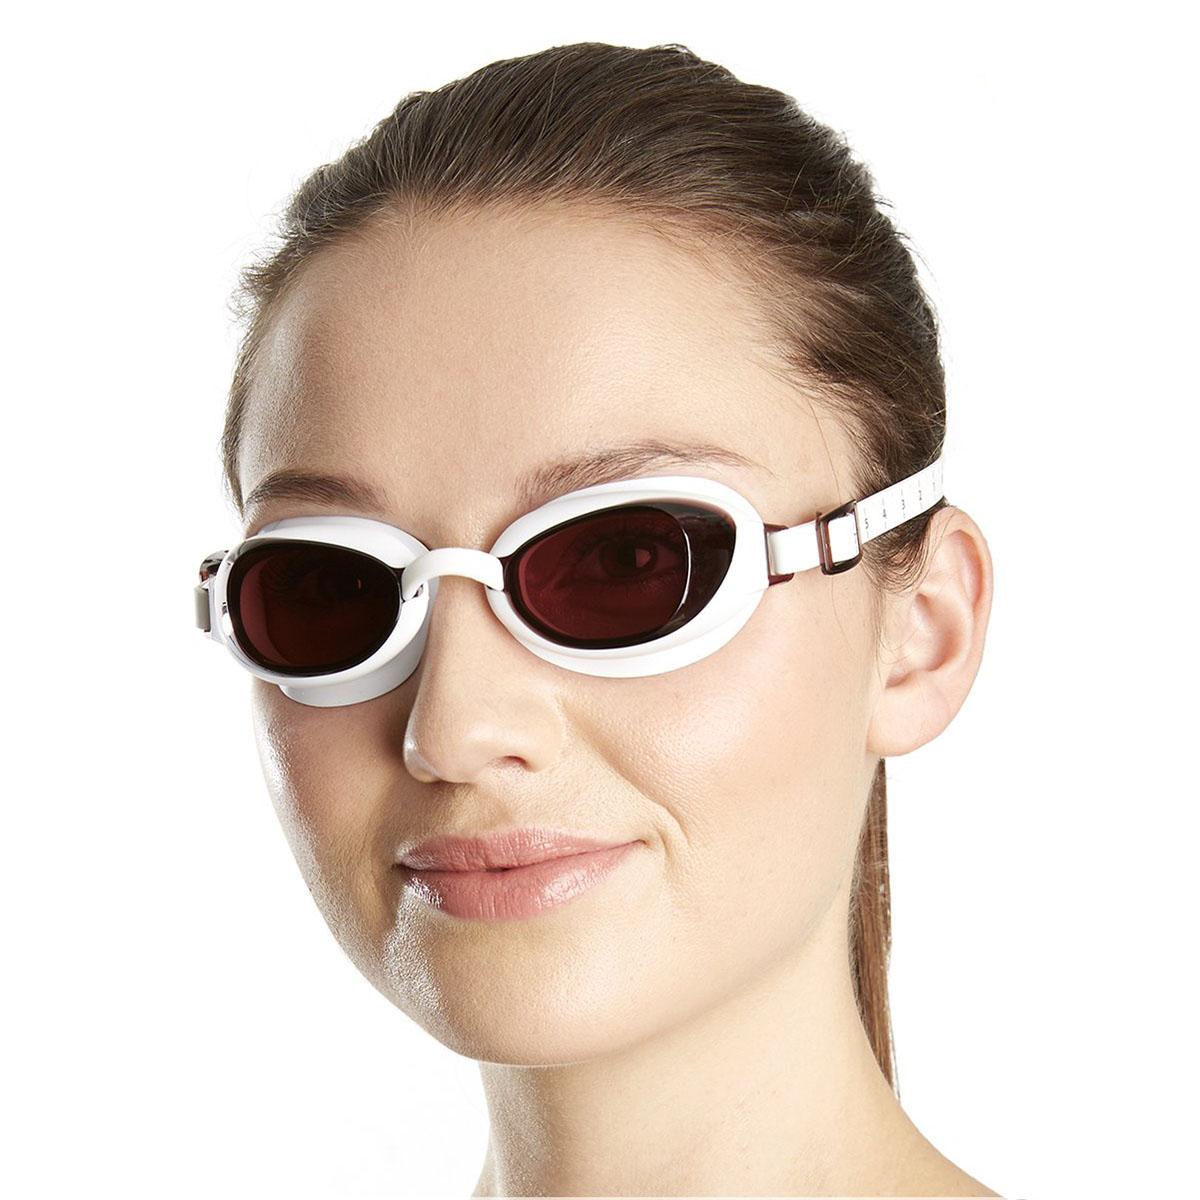 Swimming Accessories Speedo Aquapure Ladies Goggle - Brown